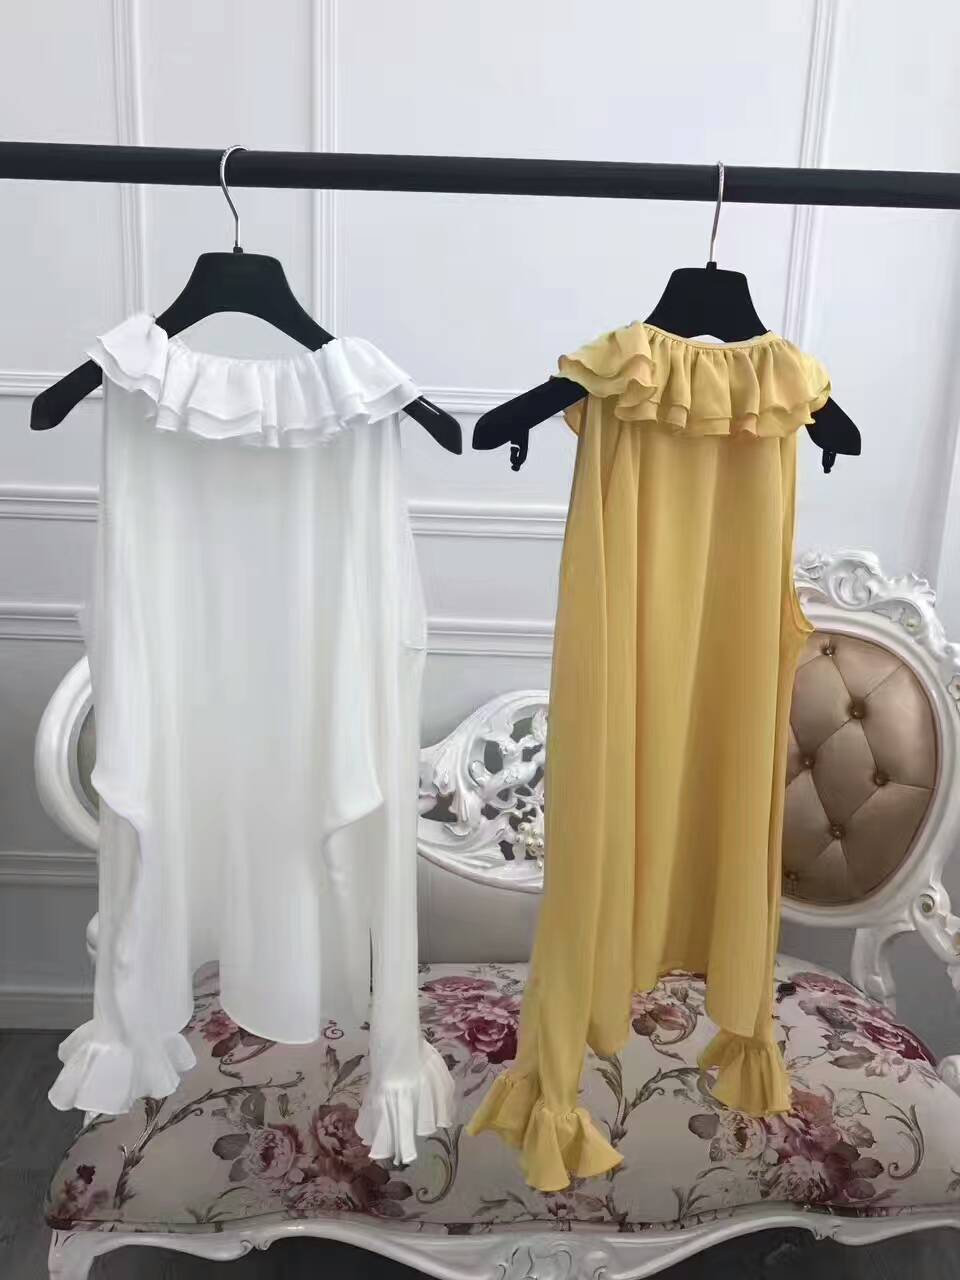 L ErntespitzeSchulterfrei MujerWeiGelb Sexy Reffles ssige BluseErstaunliches 100Seidenmode Design WeiBlusas HemdenEinzigartige 5L4Rqcj3A